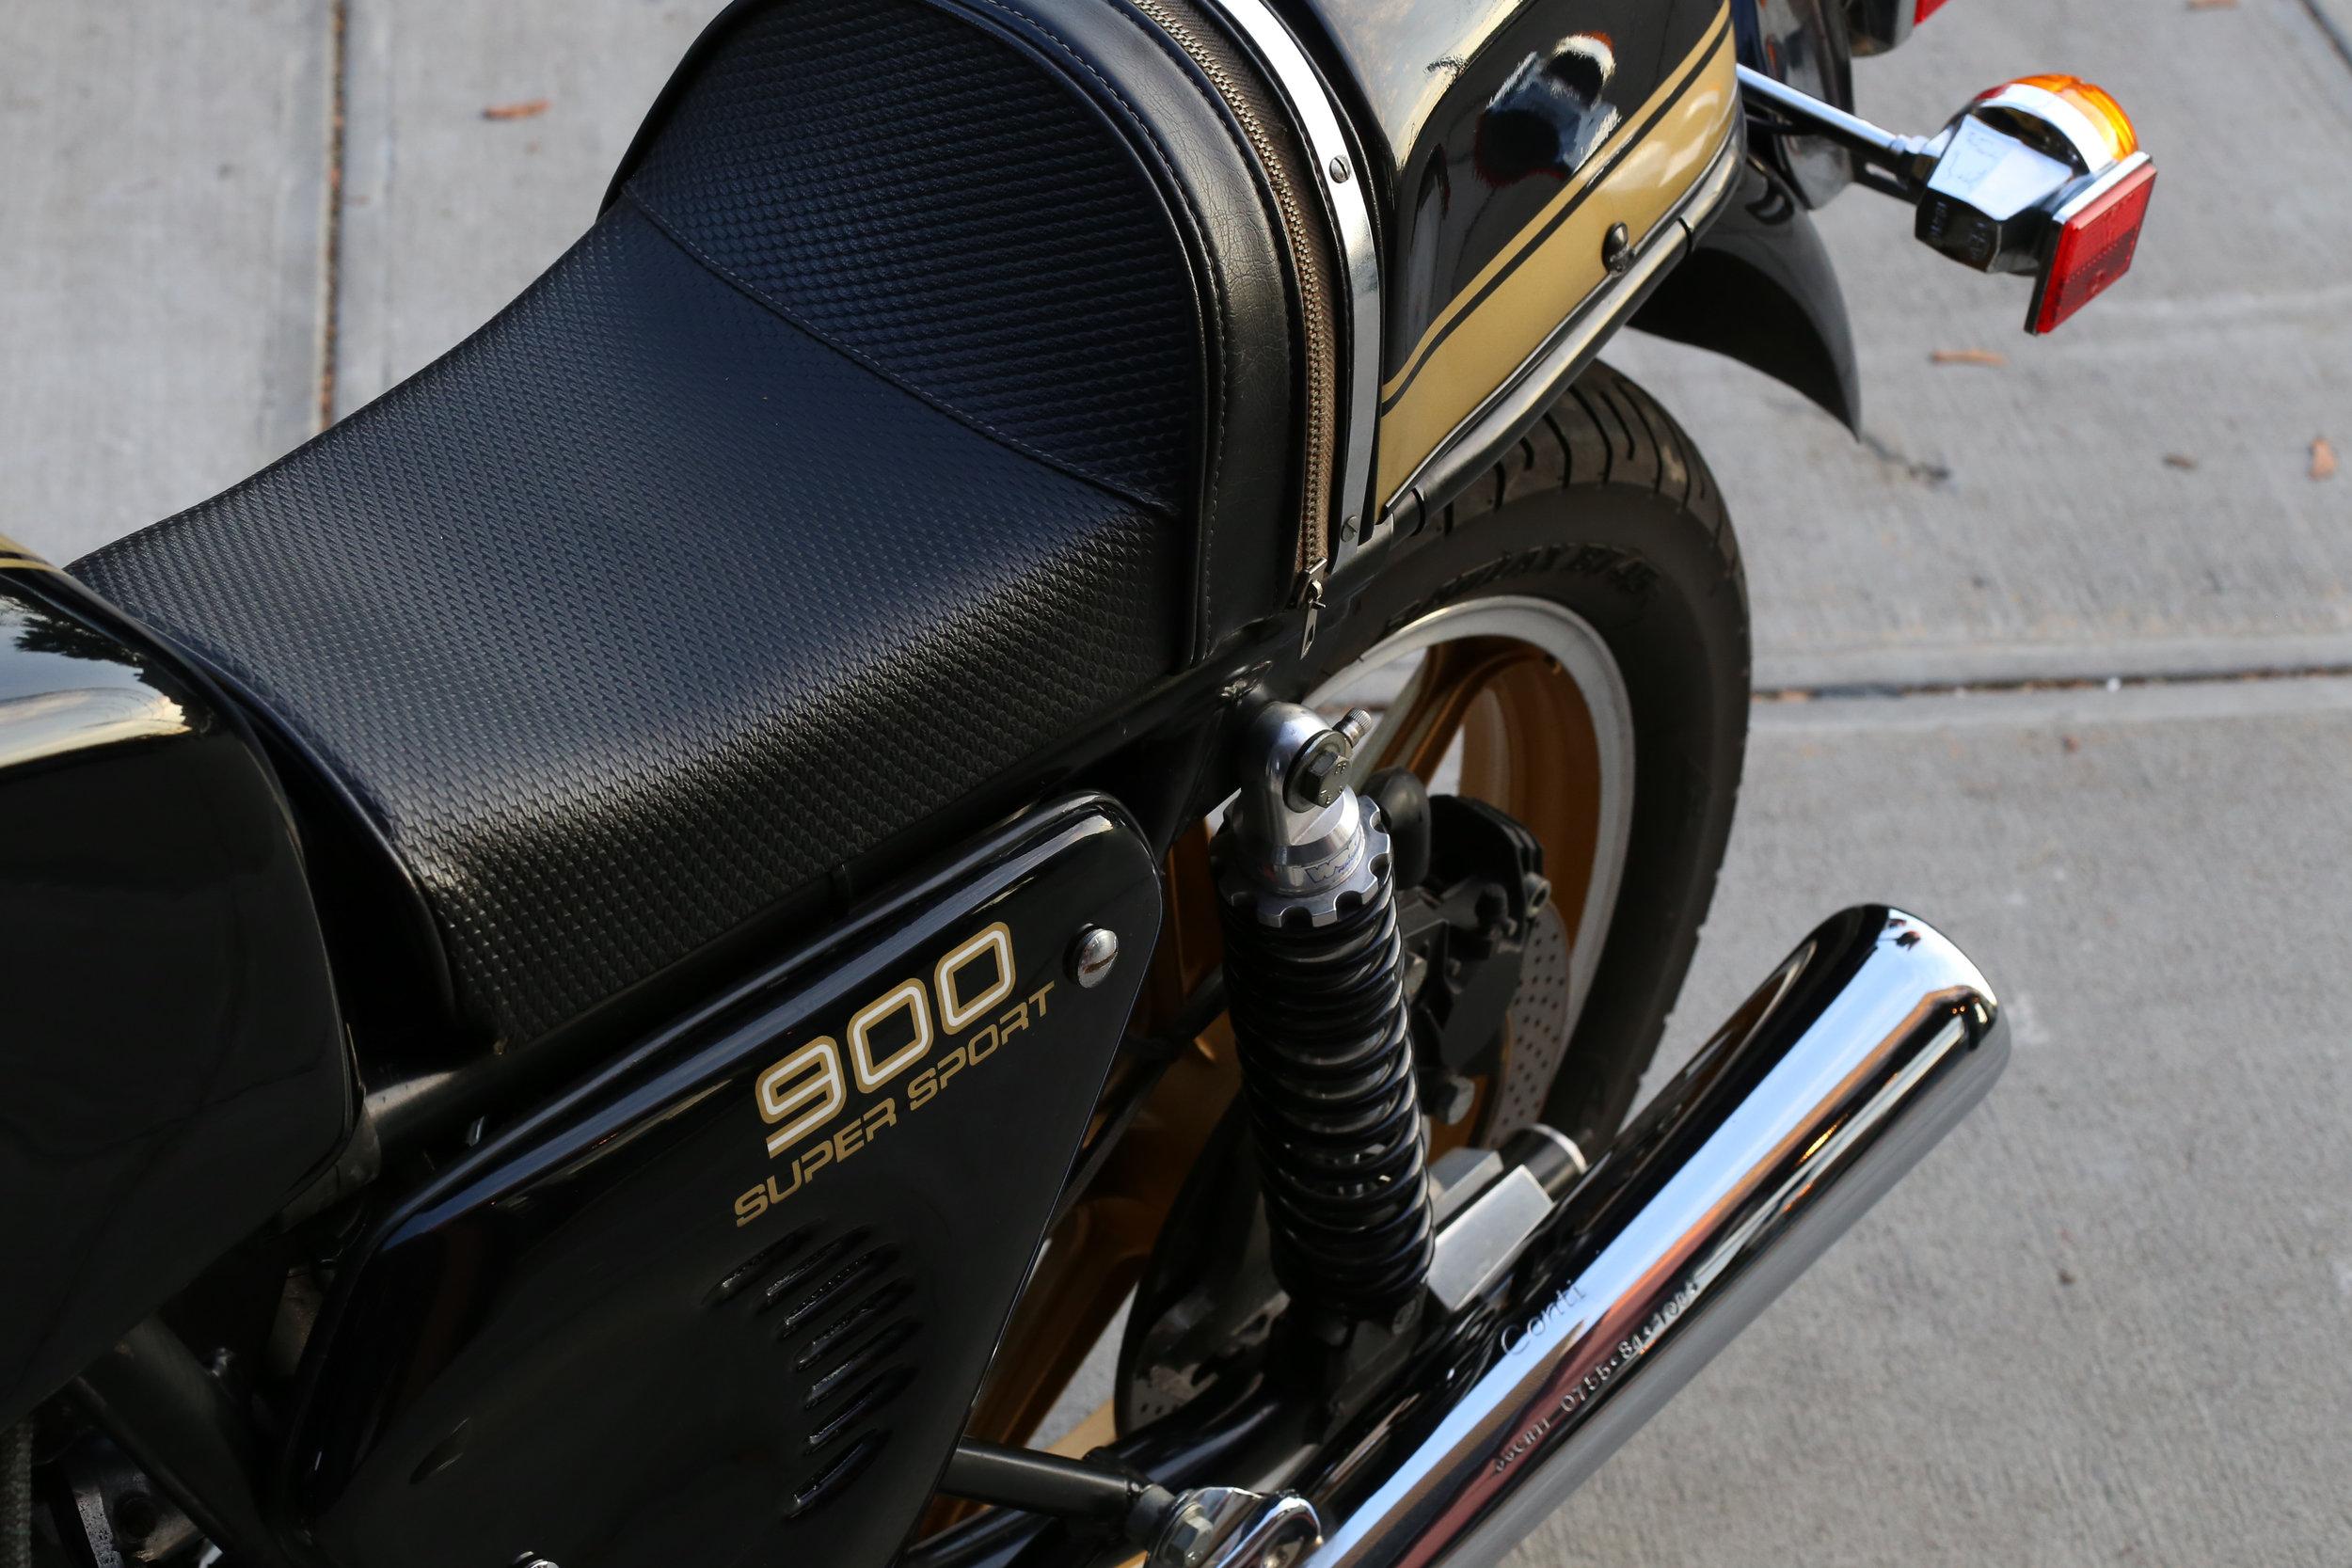 Ducati 900SS seat